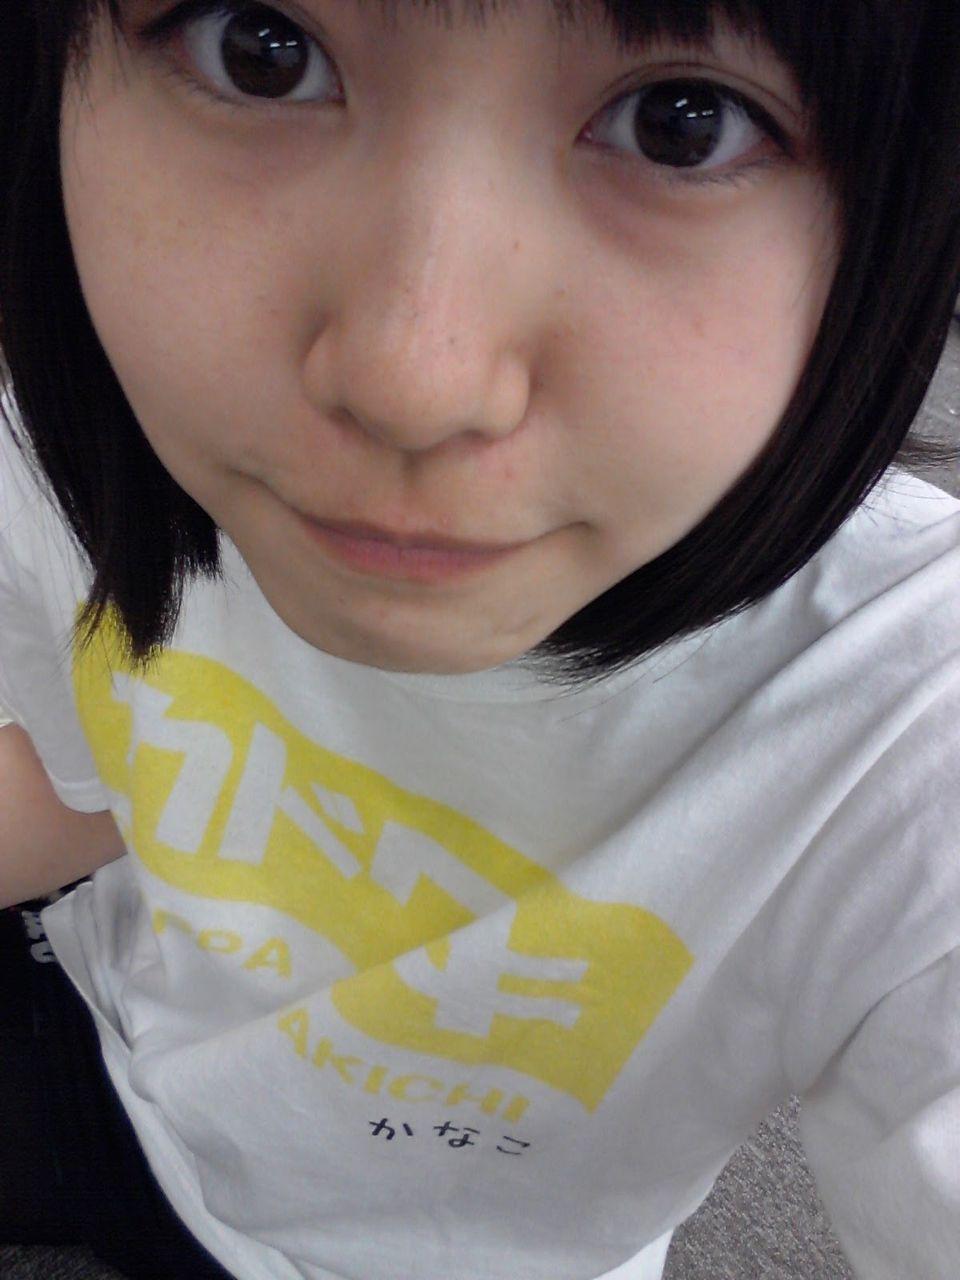 AKB48G 林萌々香 【画像大量】アイテープ、アイプチ、メザイクしてそうなメン【AKB48】